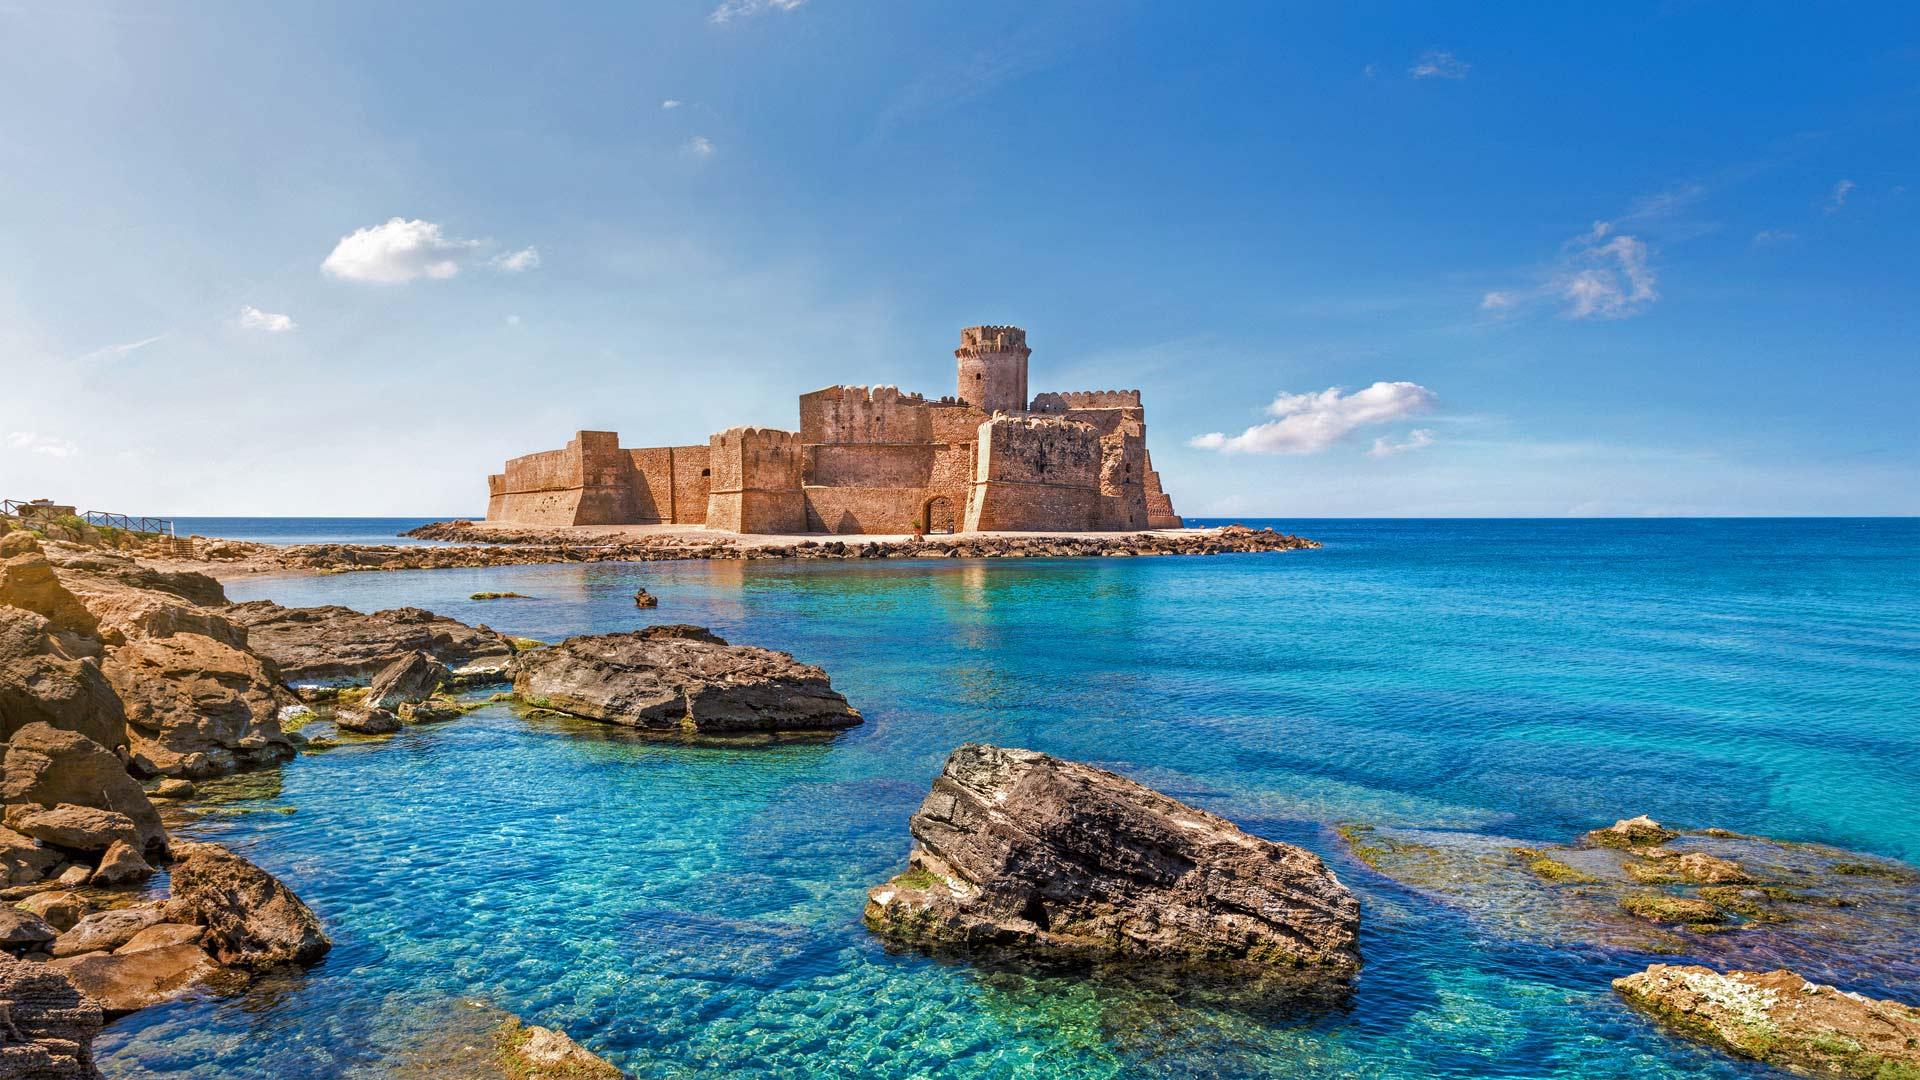 Le Castella at Capo Rizzuto, Italy (© mRGB/Shutterstock)(Bing United States)